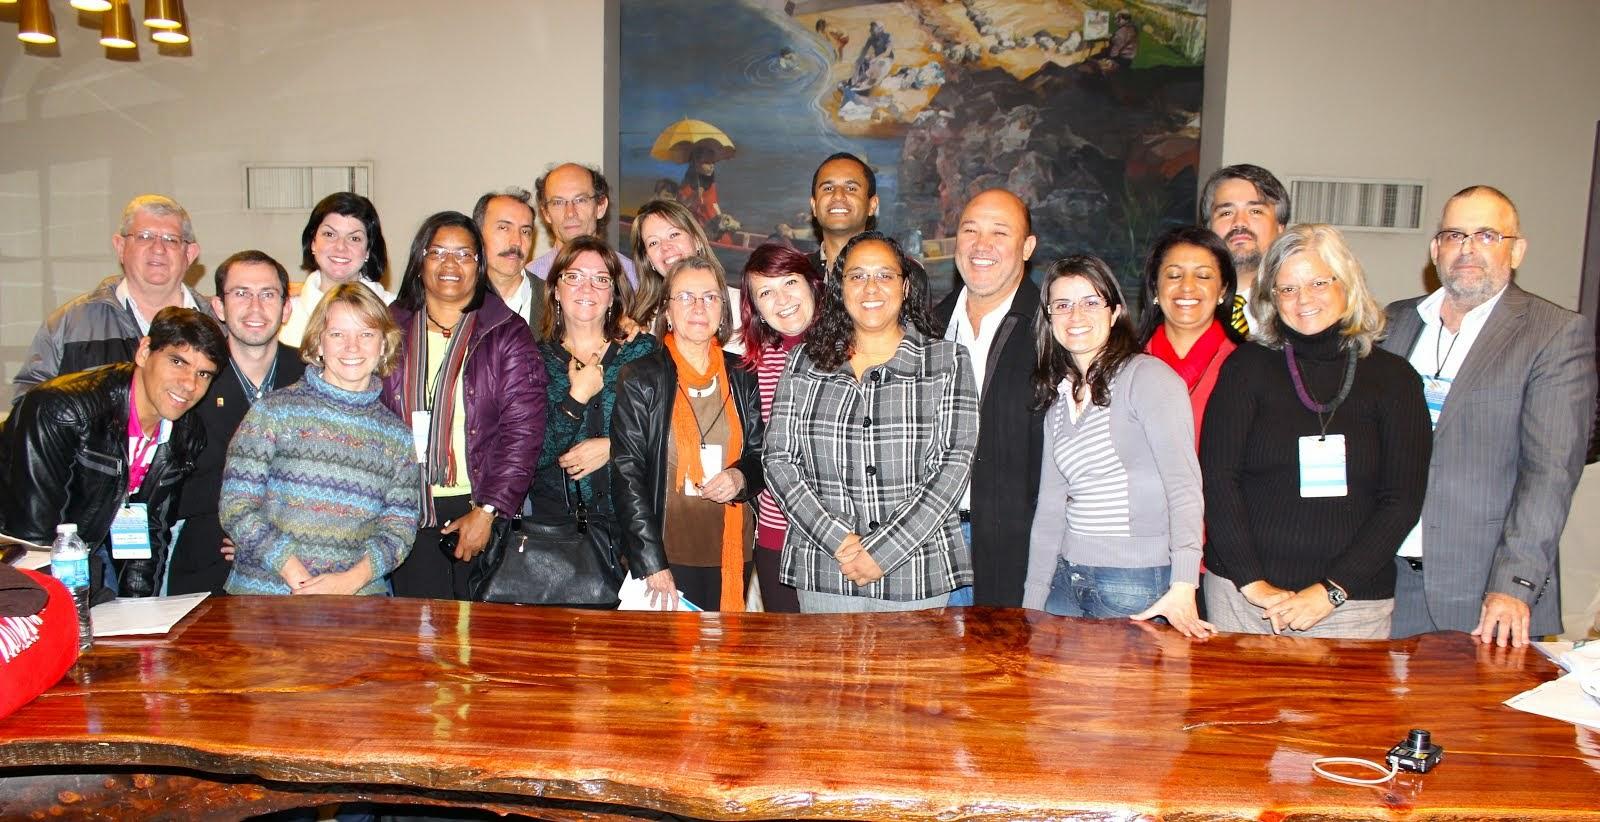 III Congreso Iberoamericano sobre Acoso Laboral e Institucional